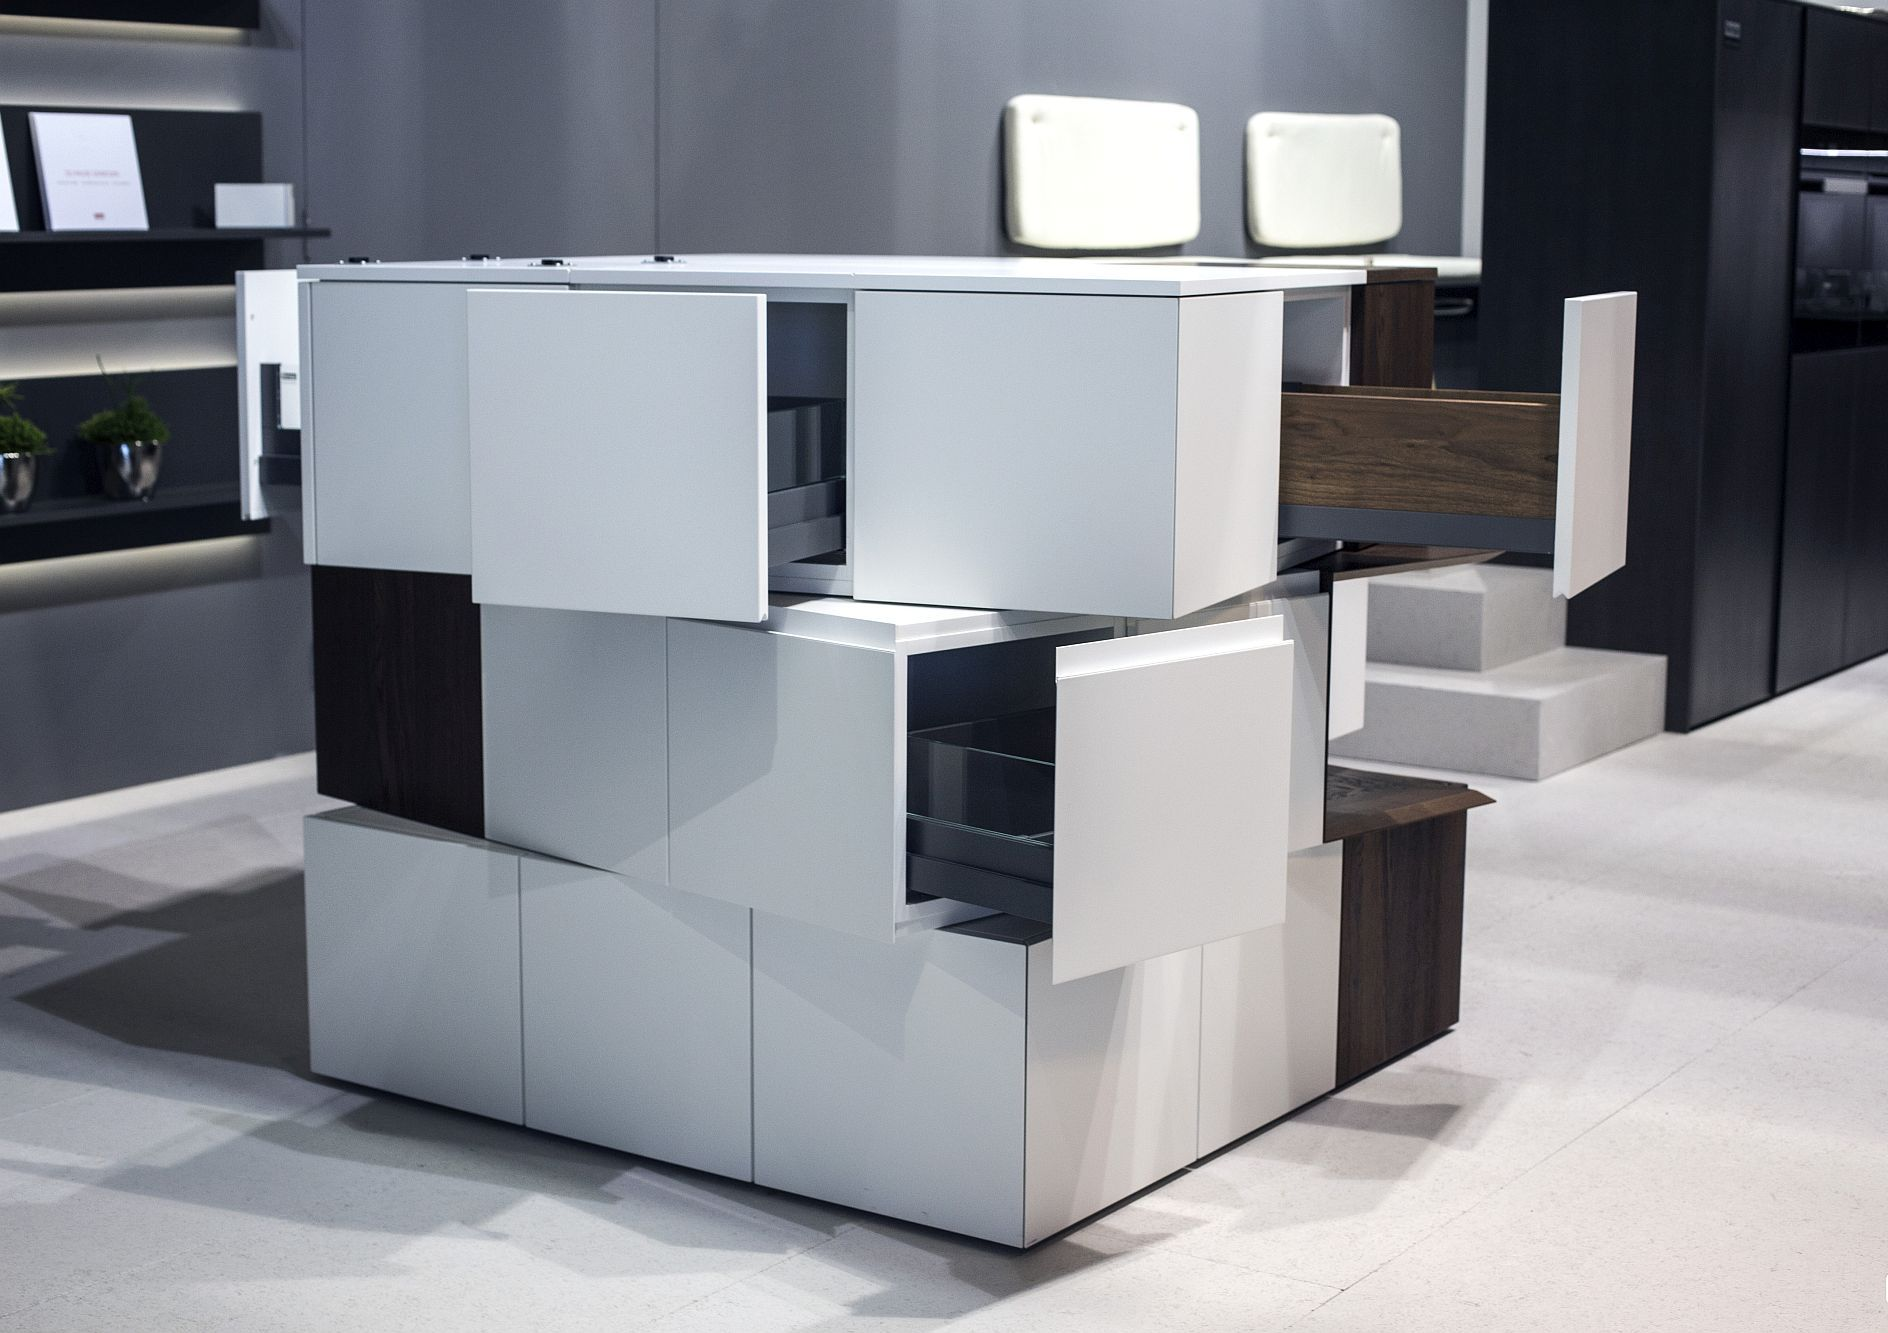 Cтильный дизайн серо-белой кухни - фото 4